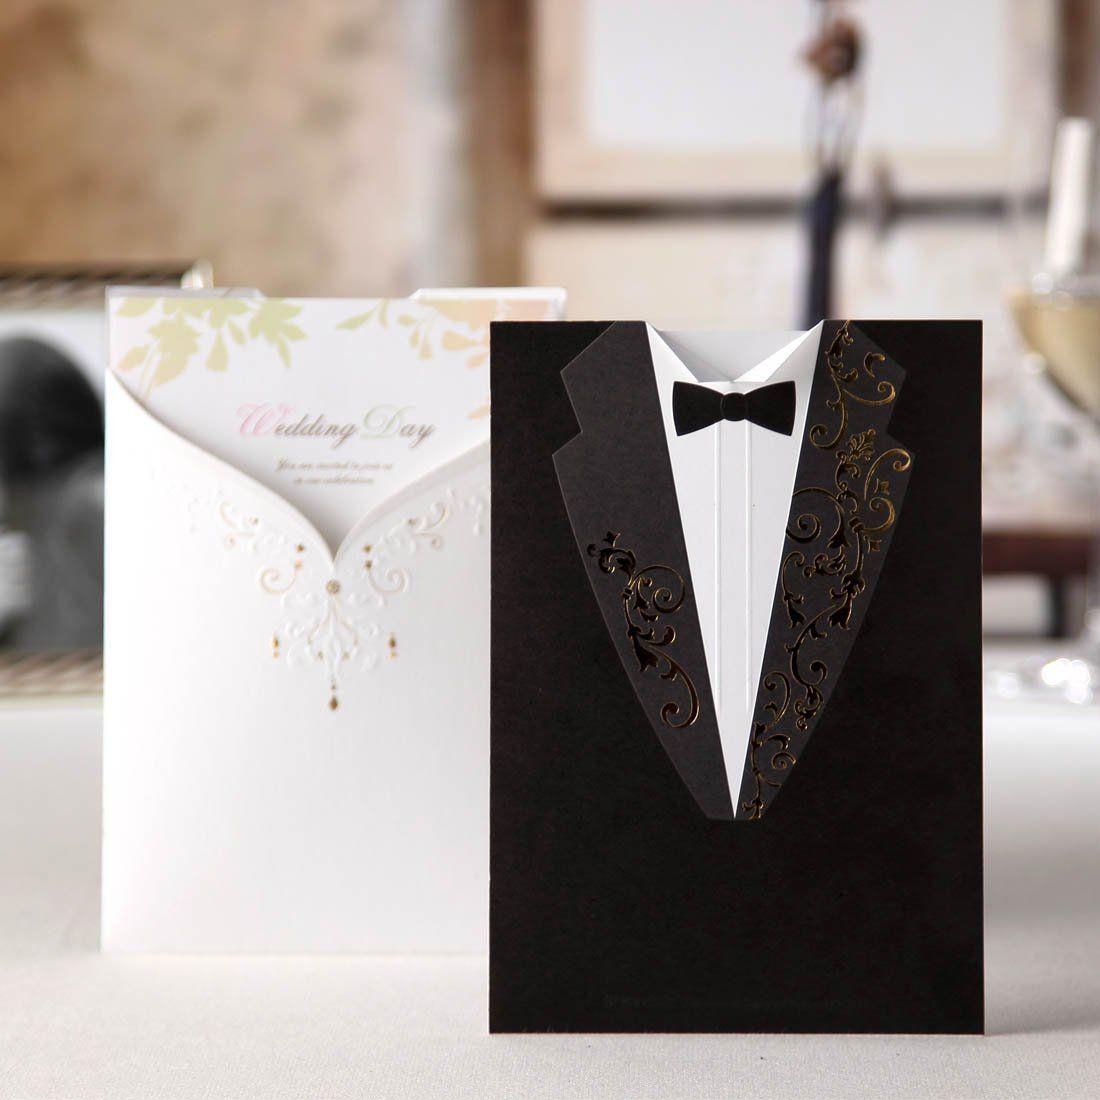 Partecipazioni Matrimonio Amazon.Wishmade 50x Biglietti Di Inviti Per Matrimonio Kit Bianco E Nero